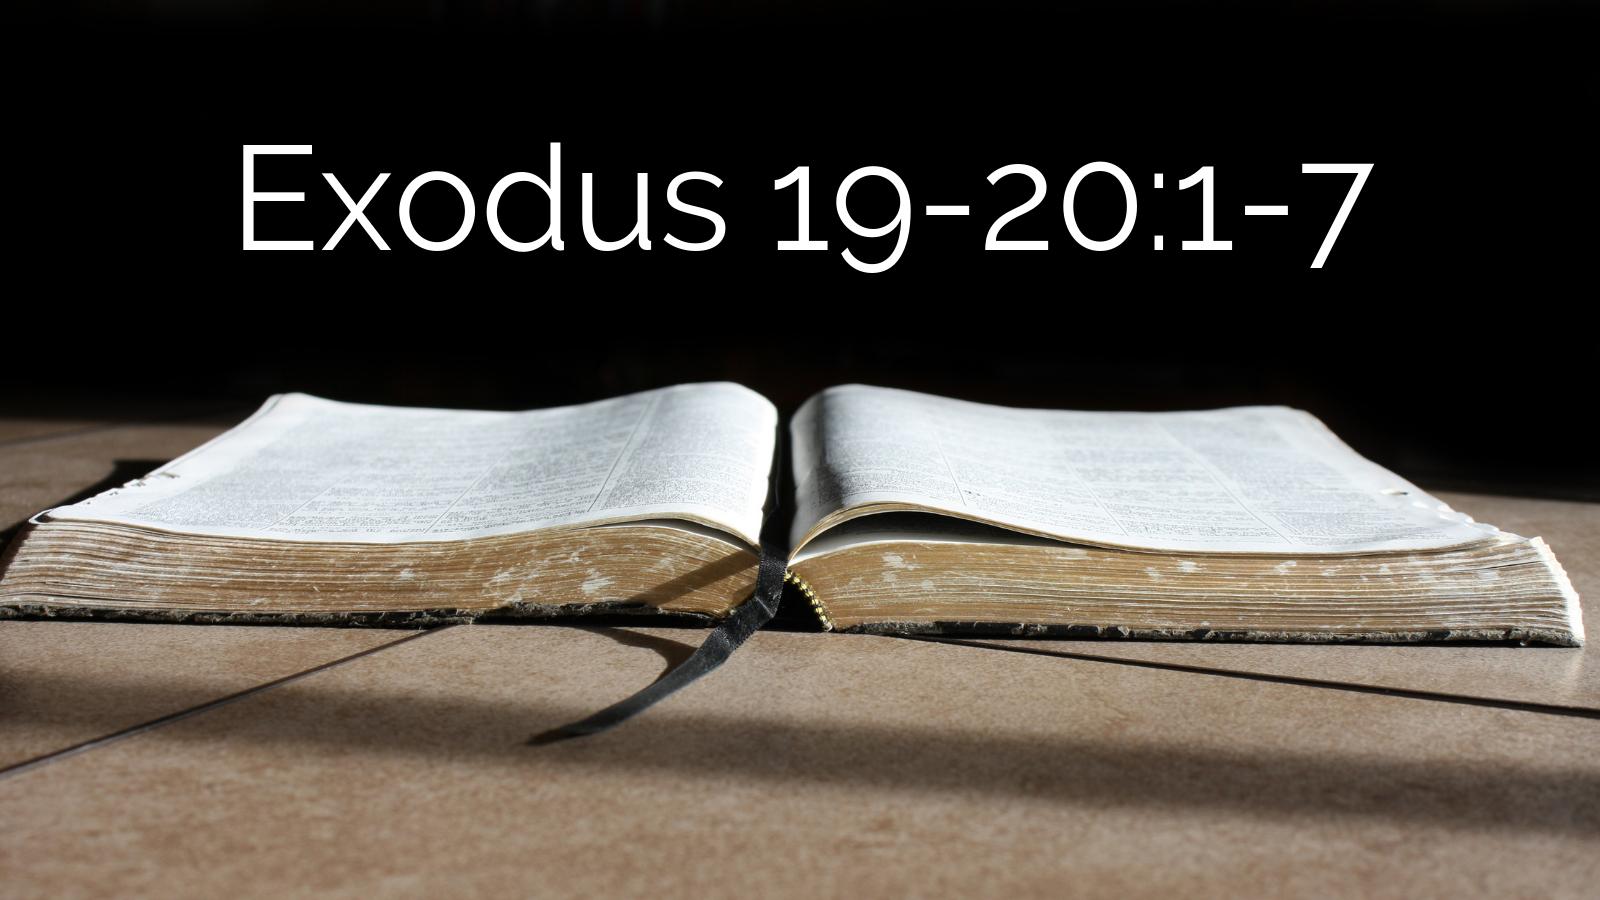 Exodus 19-20:1-7